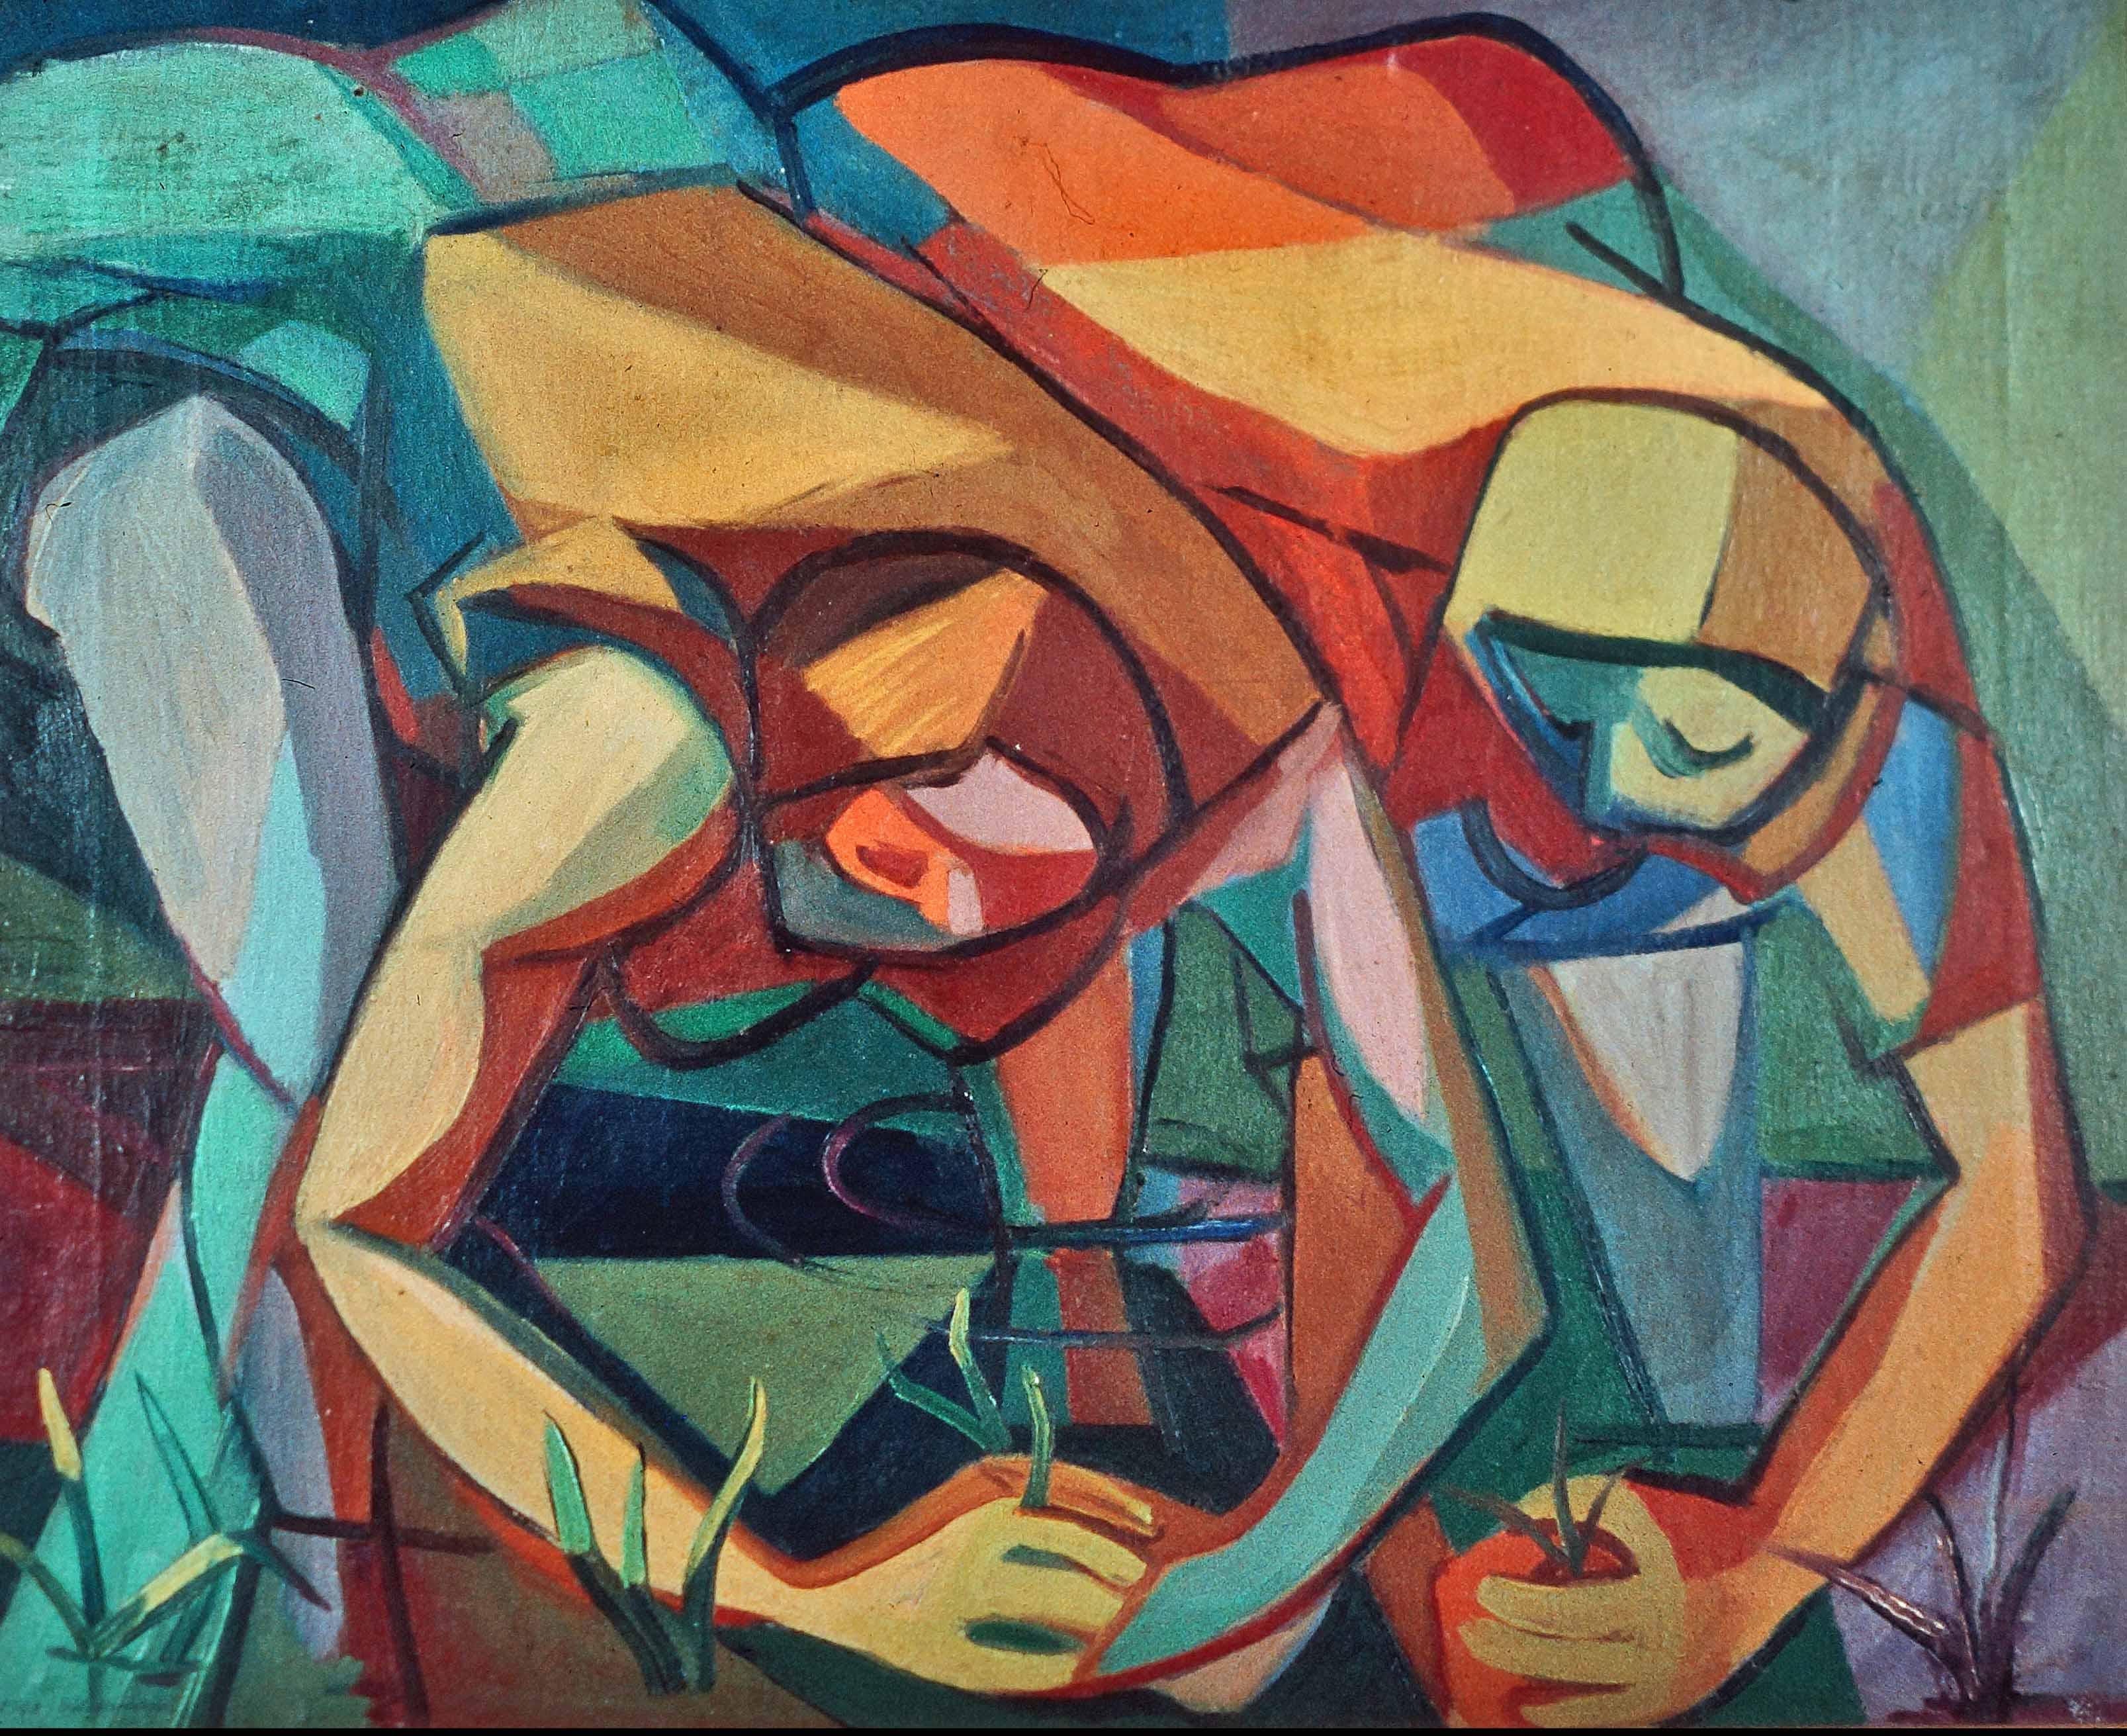 Aldo Borgonzoni Le mondine 1948 Olio su tela, cm 52,8 x 67 Suzzara (Mantova), Galleria del Premio Suzzara